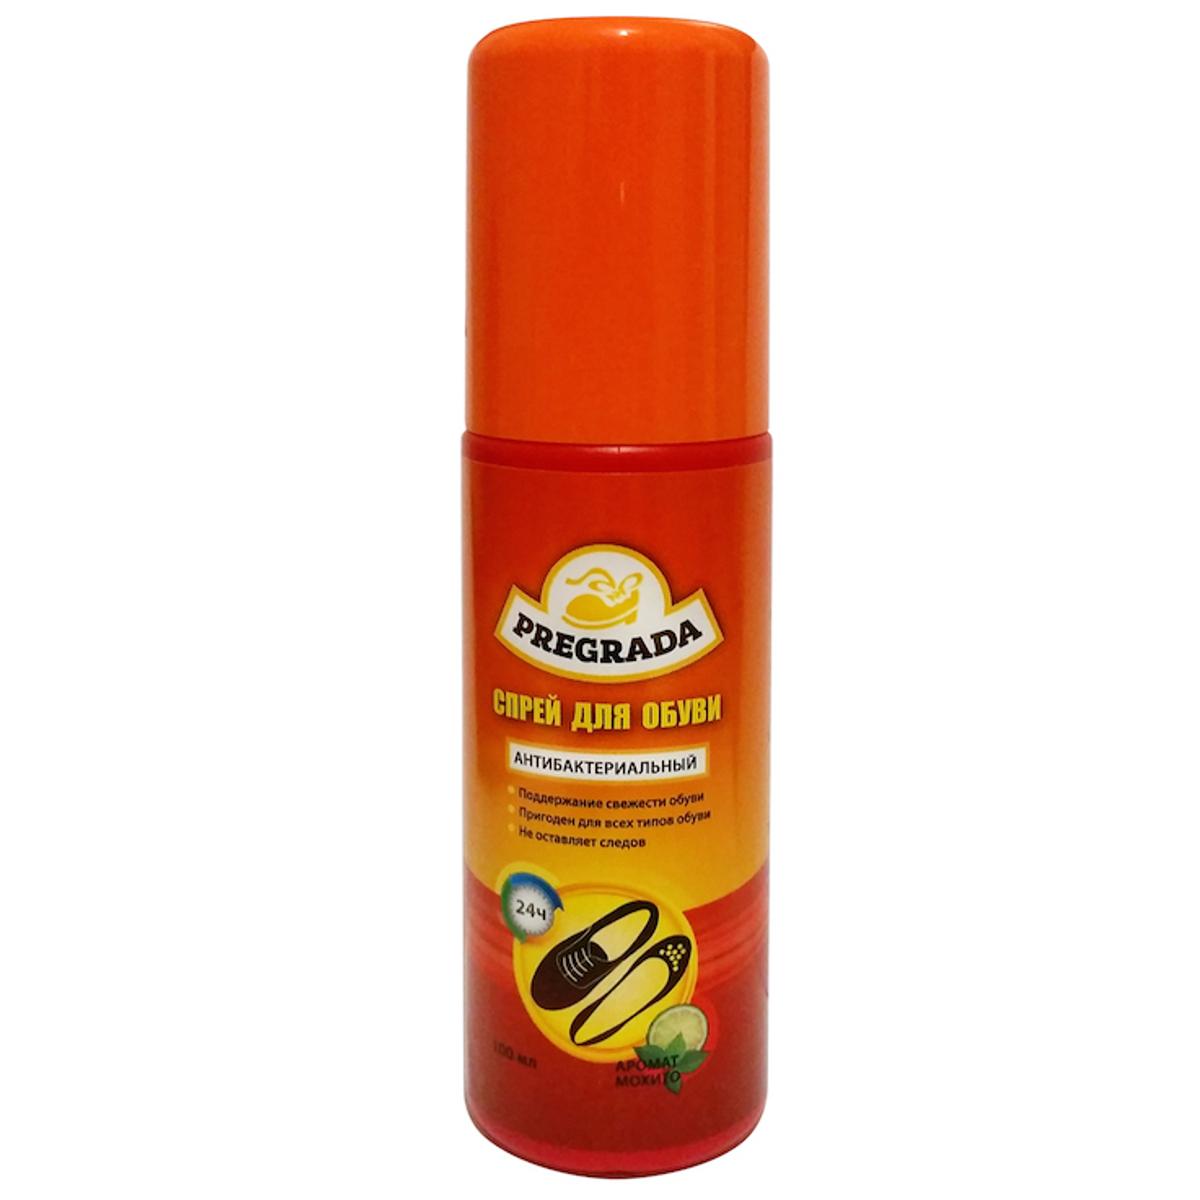 Спрей для обуви Pregrada Защита от запахаHS.050003Pregrada спрей для обуви против неприятного запаха.Обеспечивает гигиену обуви и надежно нейтрализует запахи.Регулярное применение предотвращает повторное появление неприятного запаха и сохраняет свежесть обувиСпособ применения:Перед употребление встряхнуть флакон. Распыляйте спрей на внутреннюю поверхность обуви , дать высохнуть. Рекомендуется повторять процедуру до и после ношения.Меры предосторожности::Беречь от детей! Огнеопасно! Хранить в сухом прохладном месте вдали от прямых солнечных лучей.